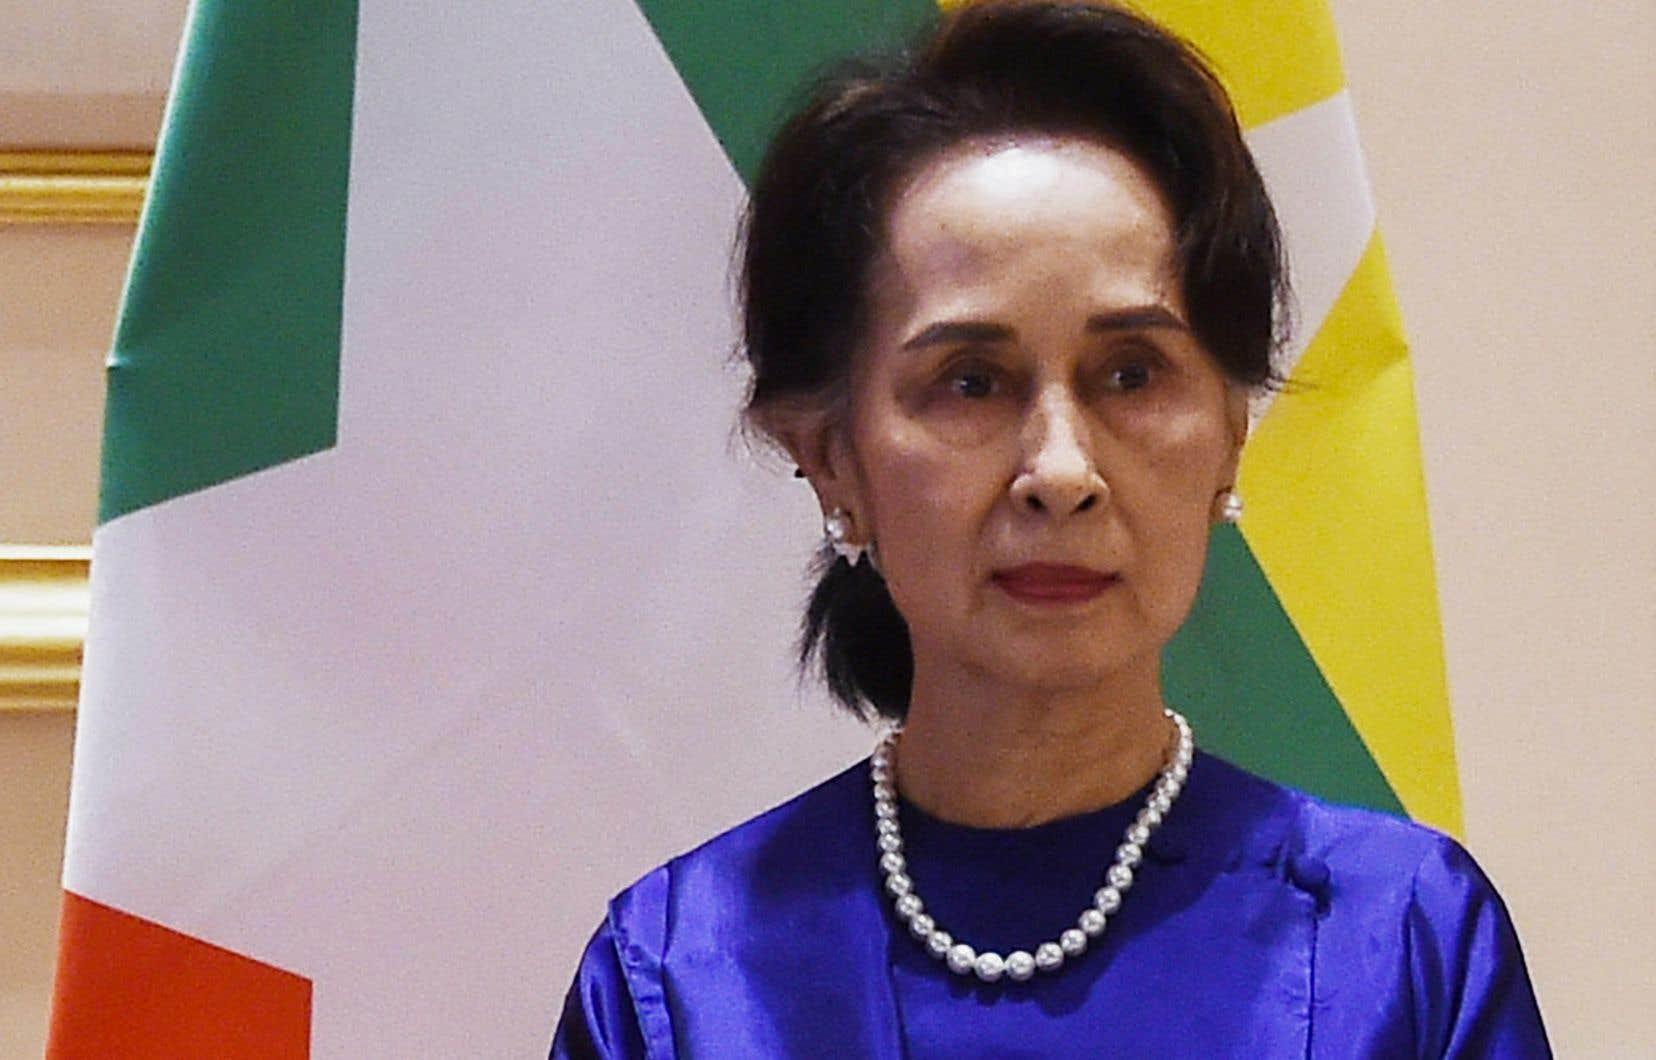 L'ex-dirigeante birmaneAung San Suu Kyi a été destituée en février dernier lors d'un coup d'État de l'armée.